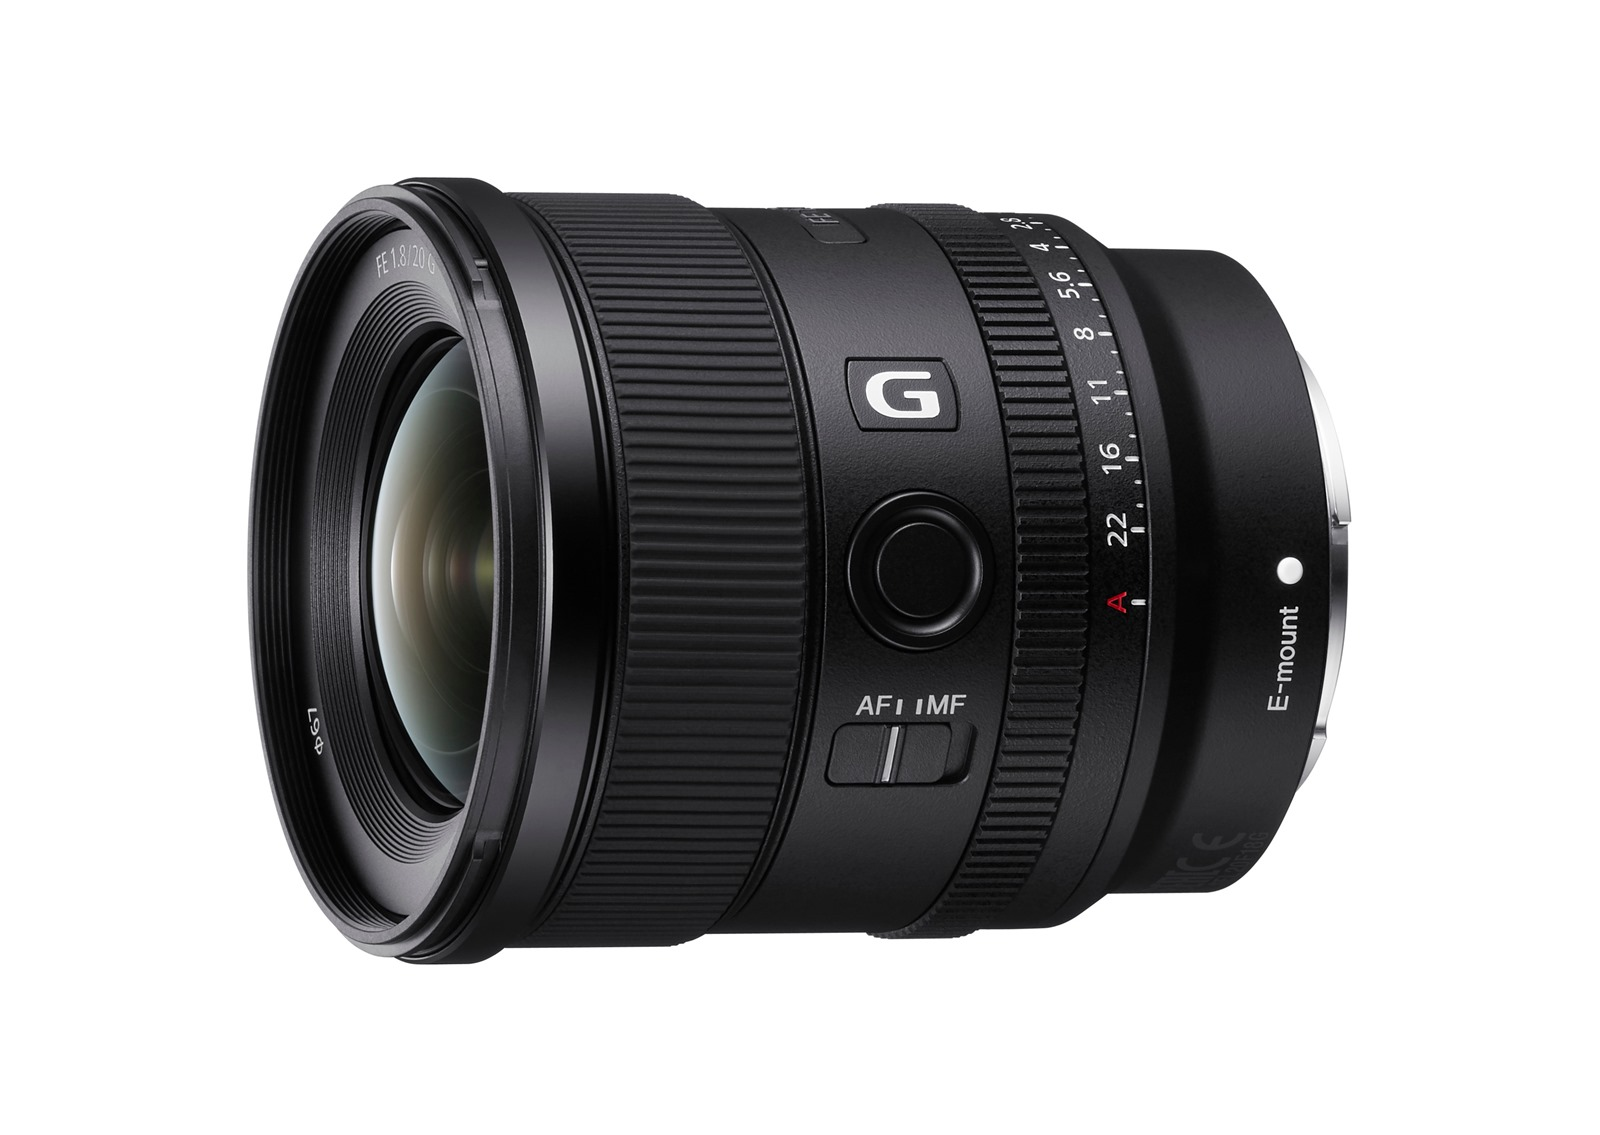 再進化!Sony FE 20mm F1.8 G大光圈超廣角定焦鏡頭,動靜態畫面讓你完美捕捉